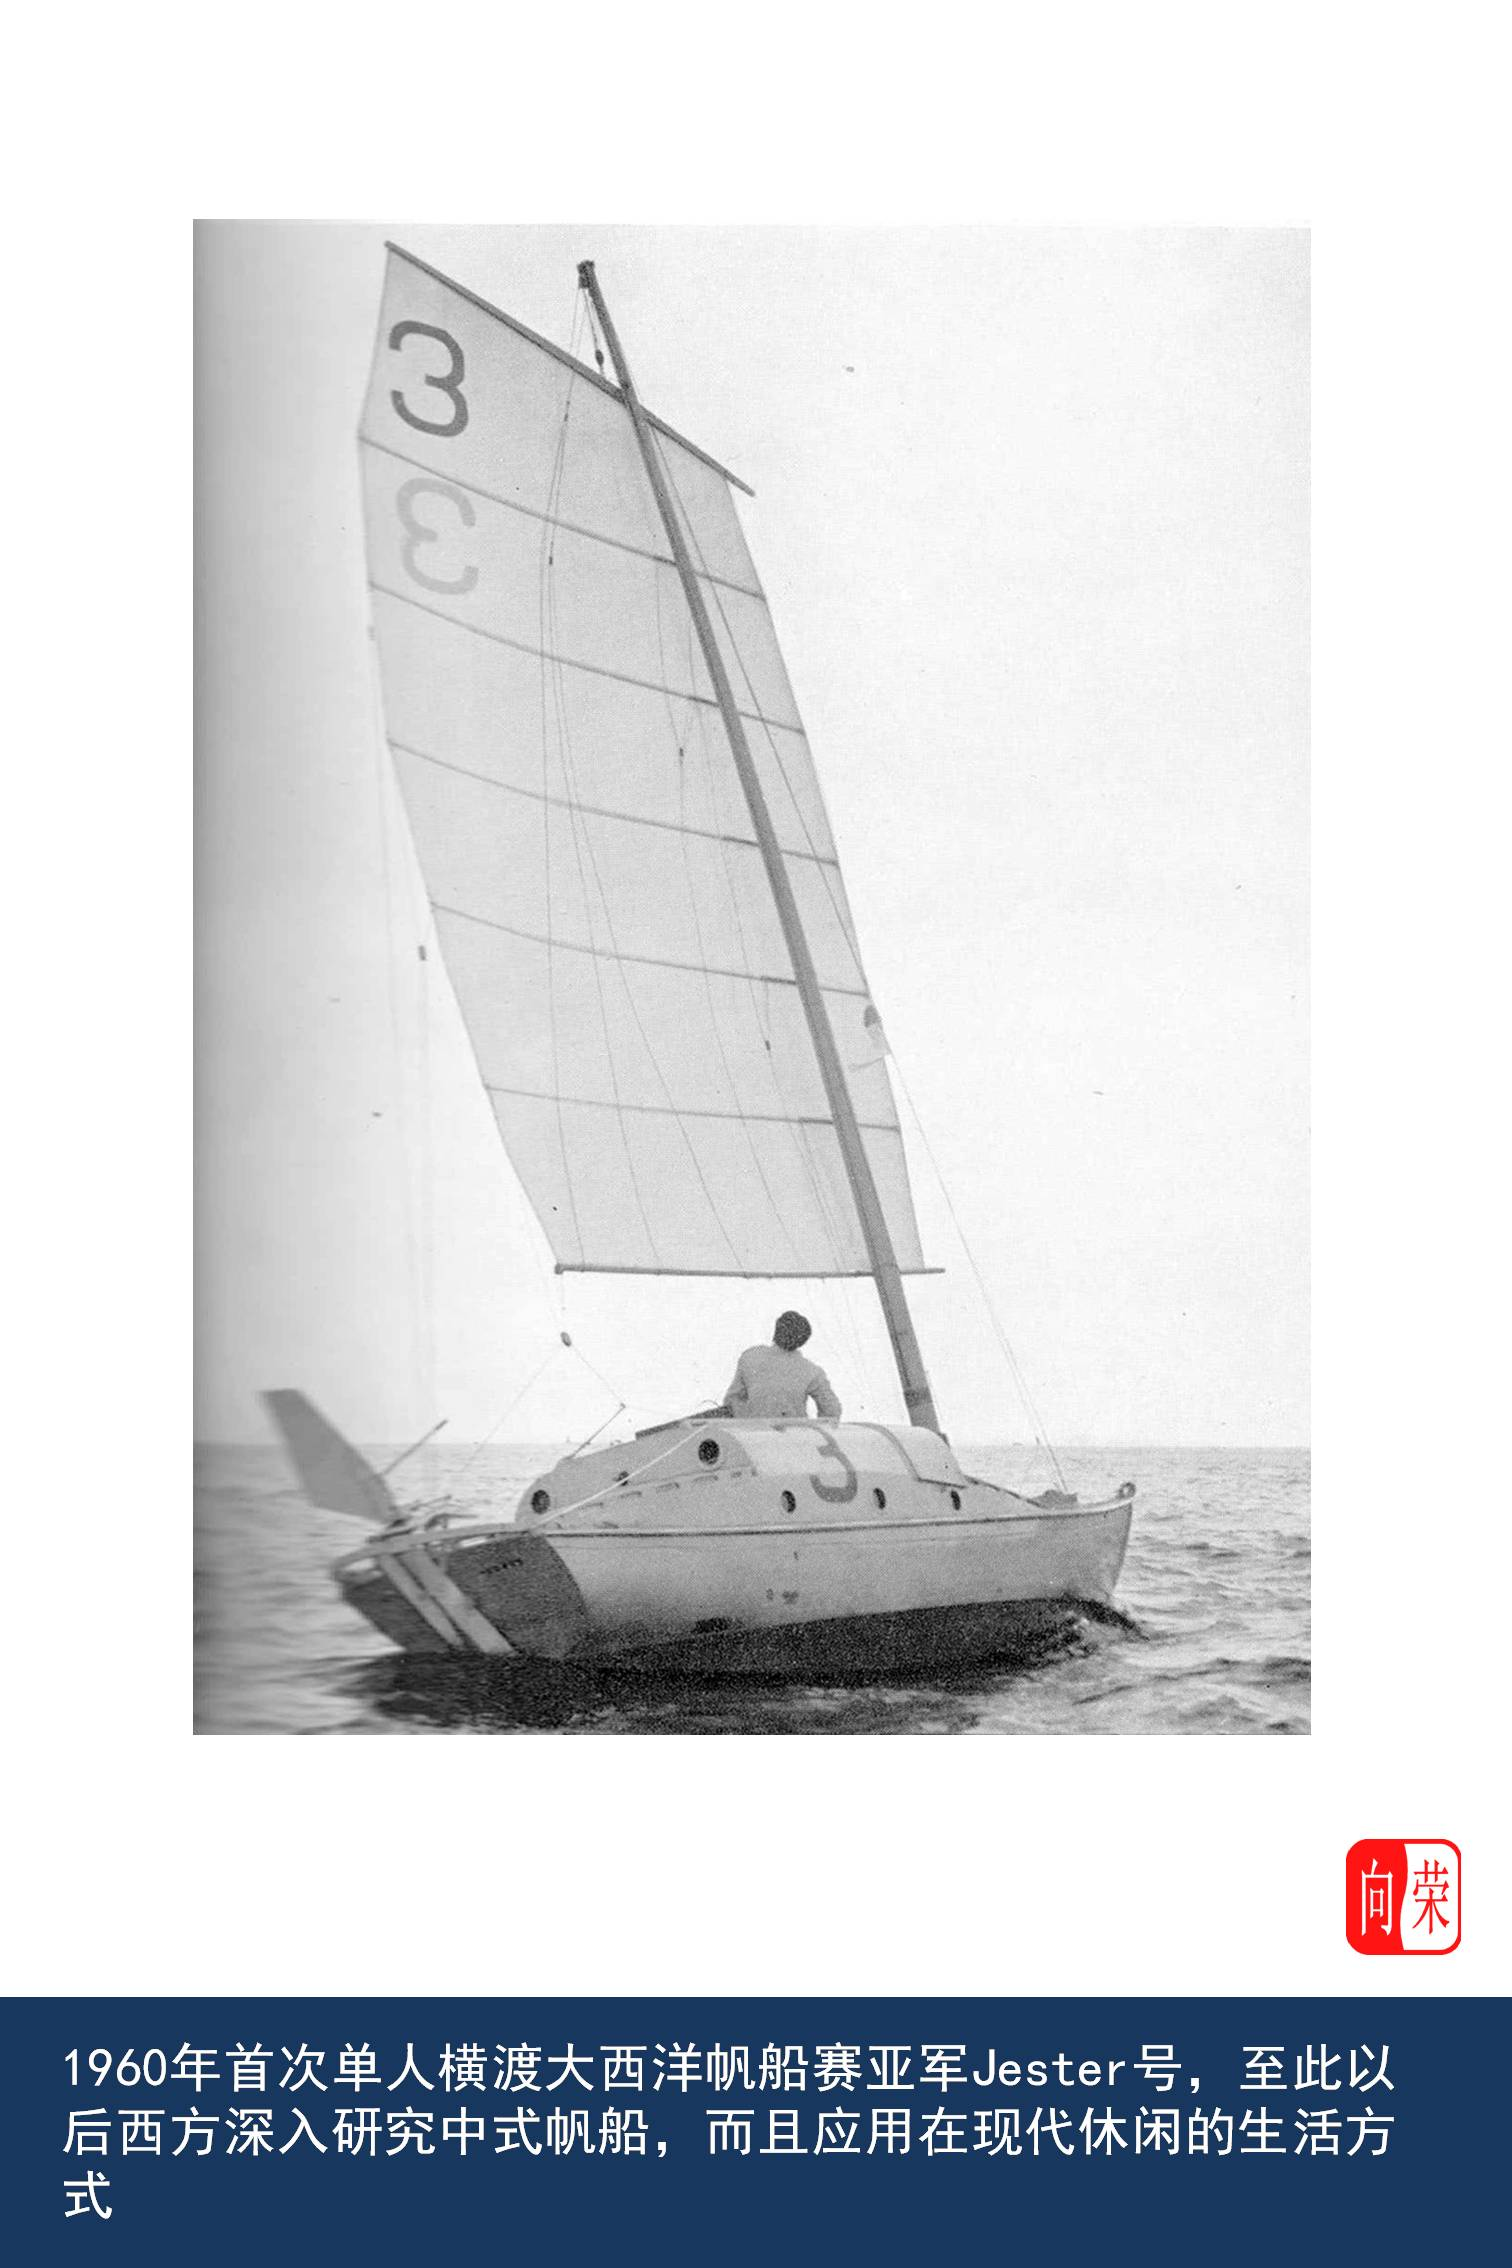 中华文化,旅行社,香港大学,南海诸岛,帆船运动 《中式帆船古为今用》展览,让老邝带你看中式帆船! Slide11.JPG